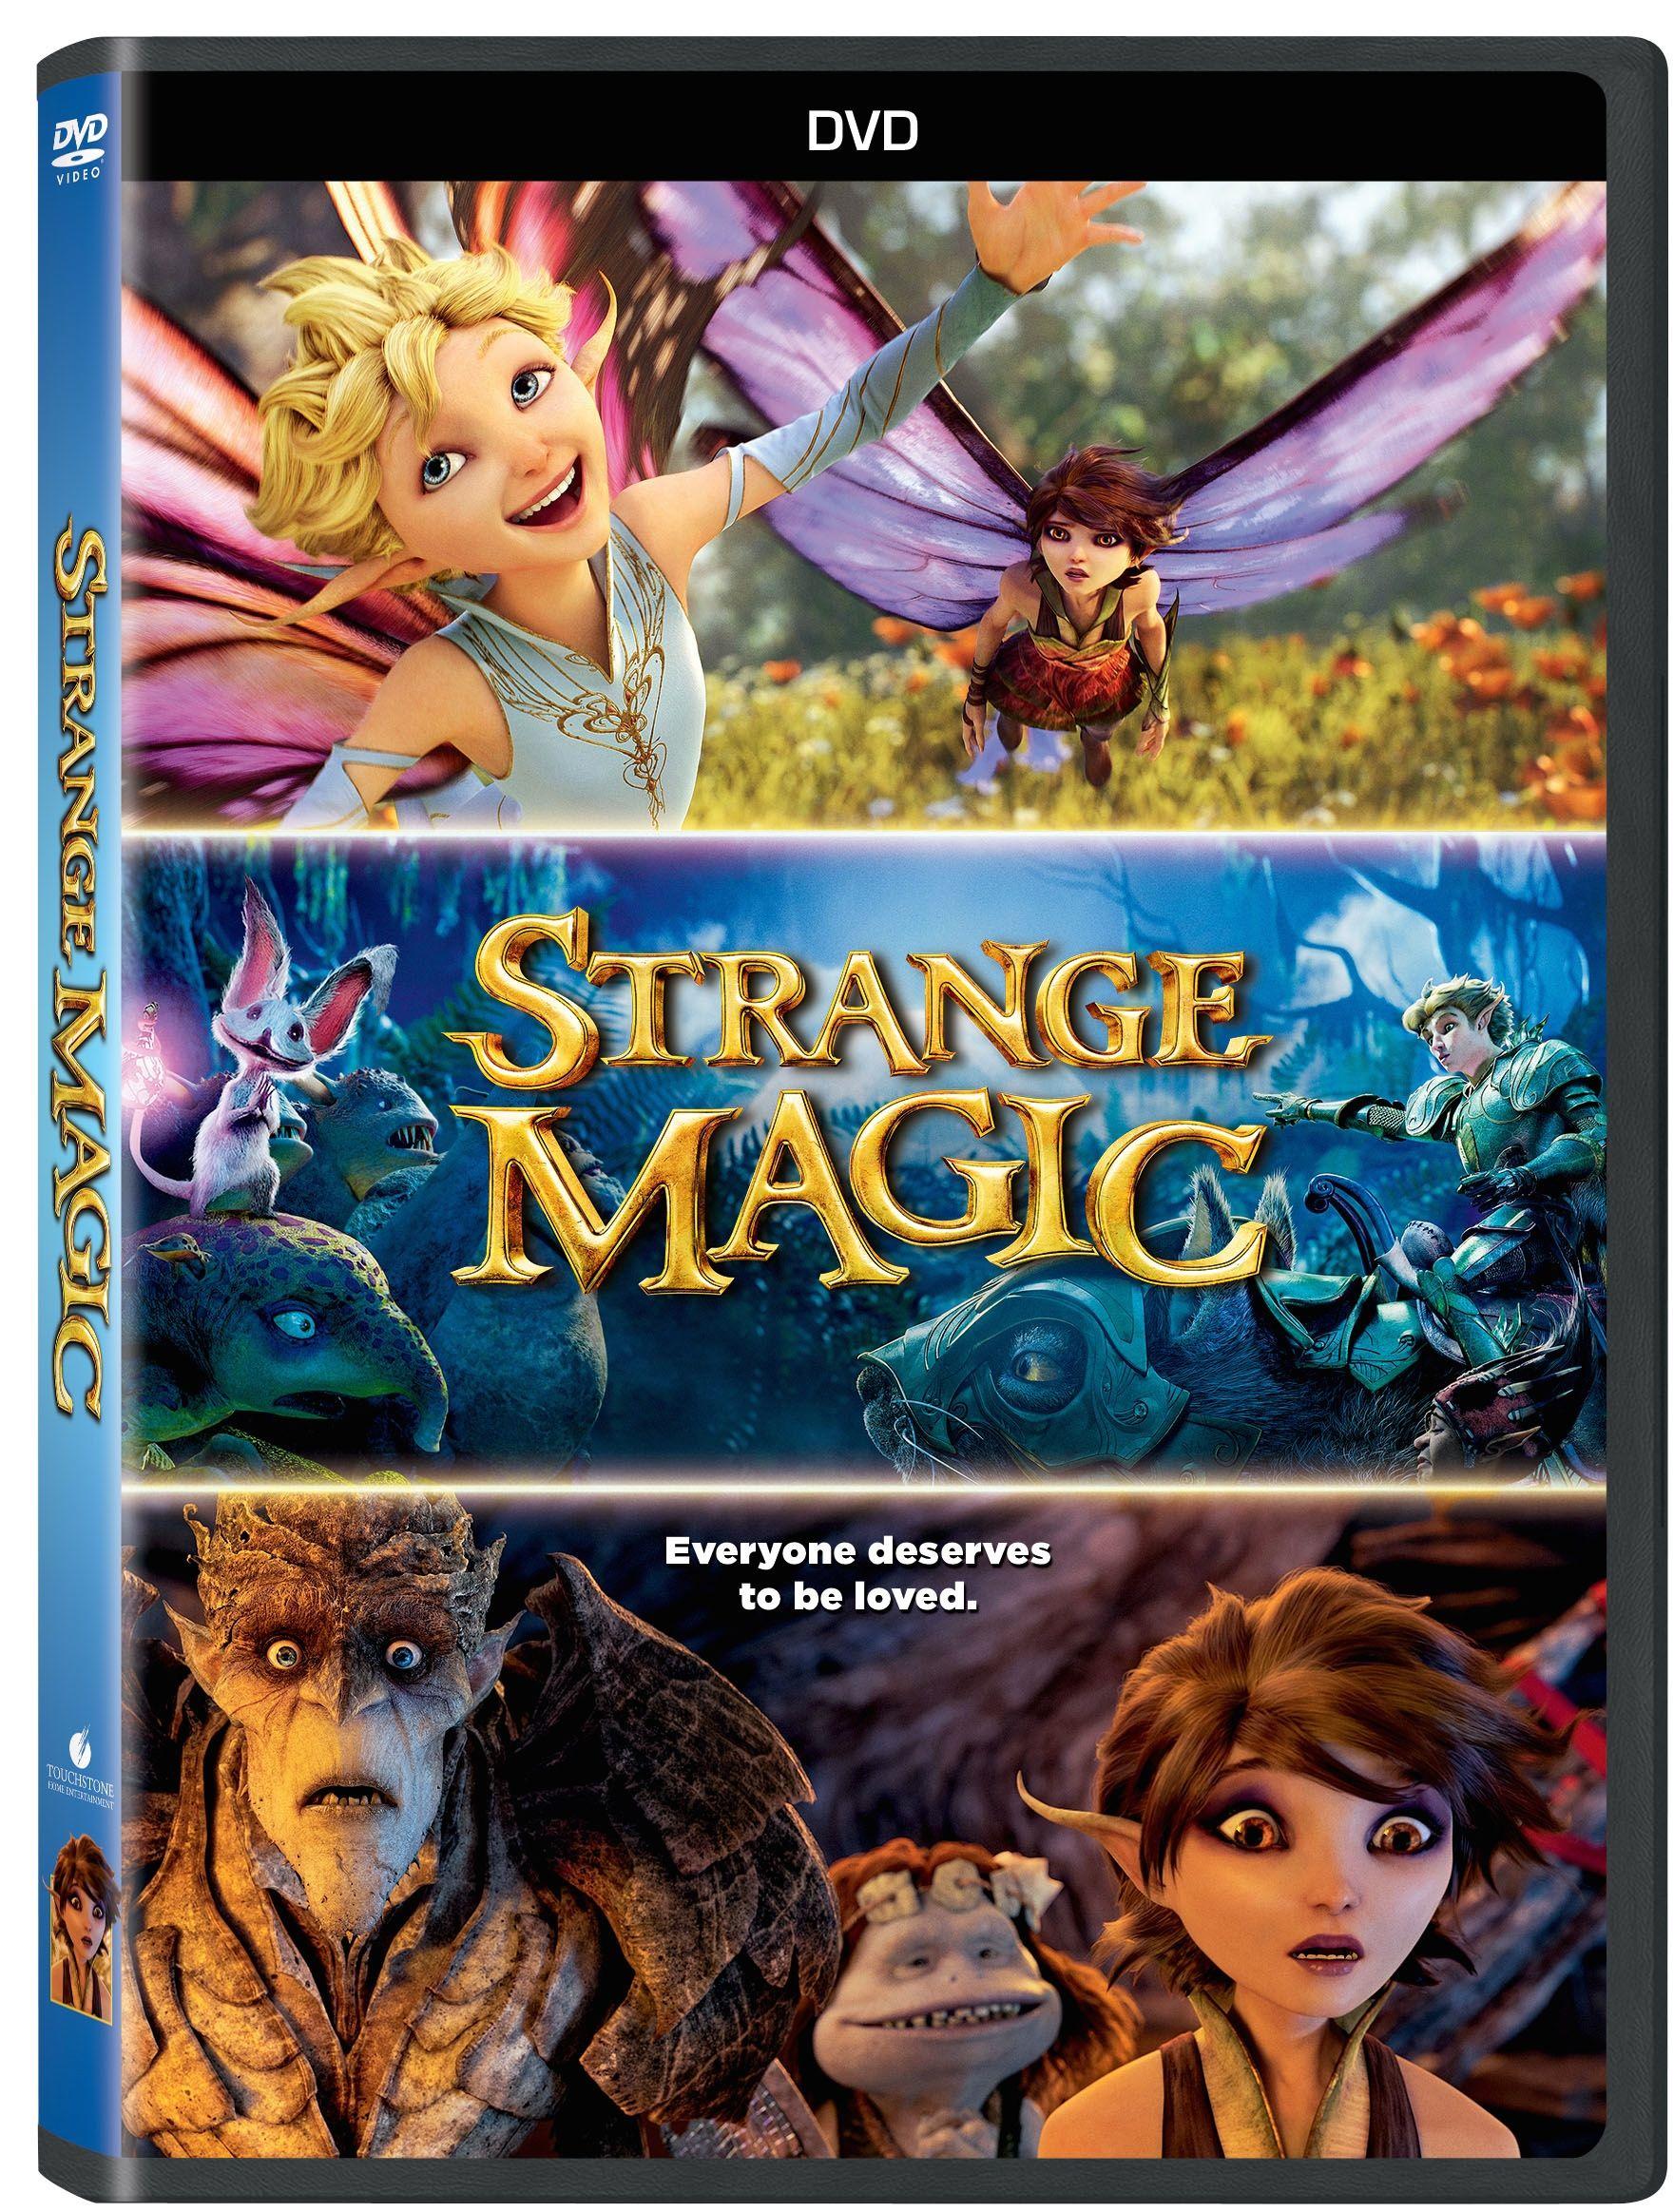 Strange Magic on DVD May 19